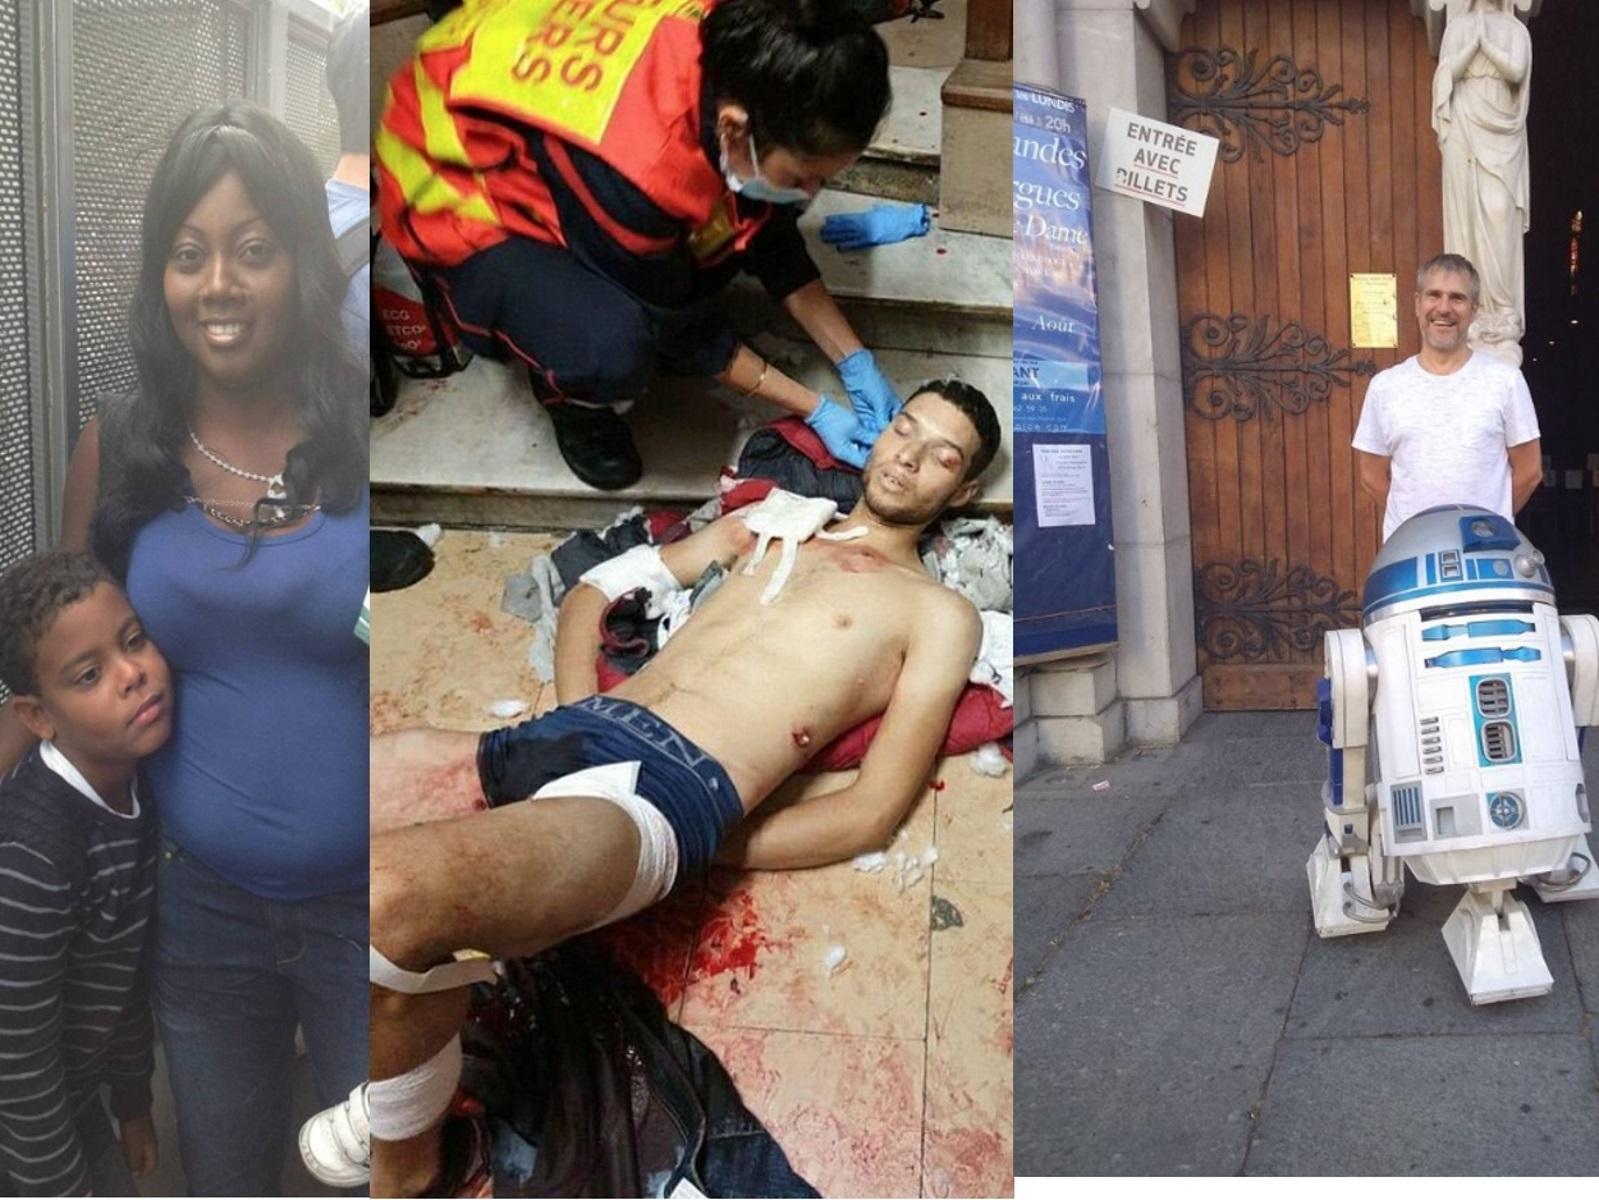 """Γαλλία: """"Ανάληψη ευθύνης"""" για το μακελειό – Ο Τυνήσιος τζιχαντιστής είχε συλληφθεί και στη χώρα του για επίθεση"""